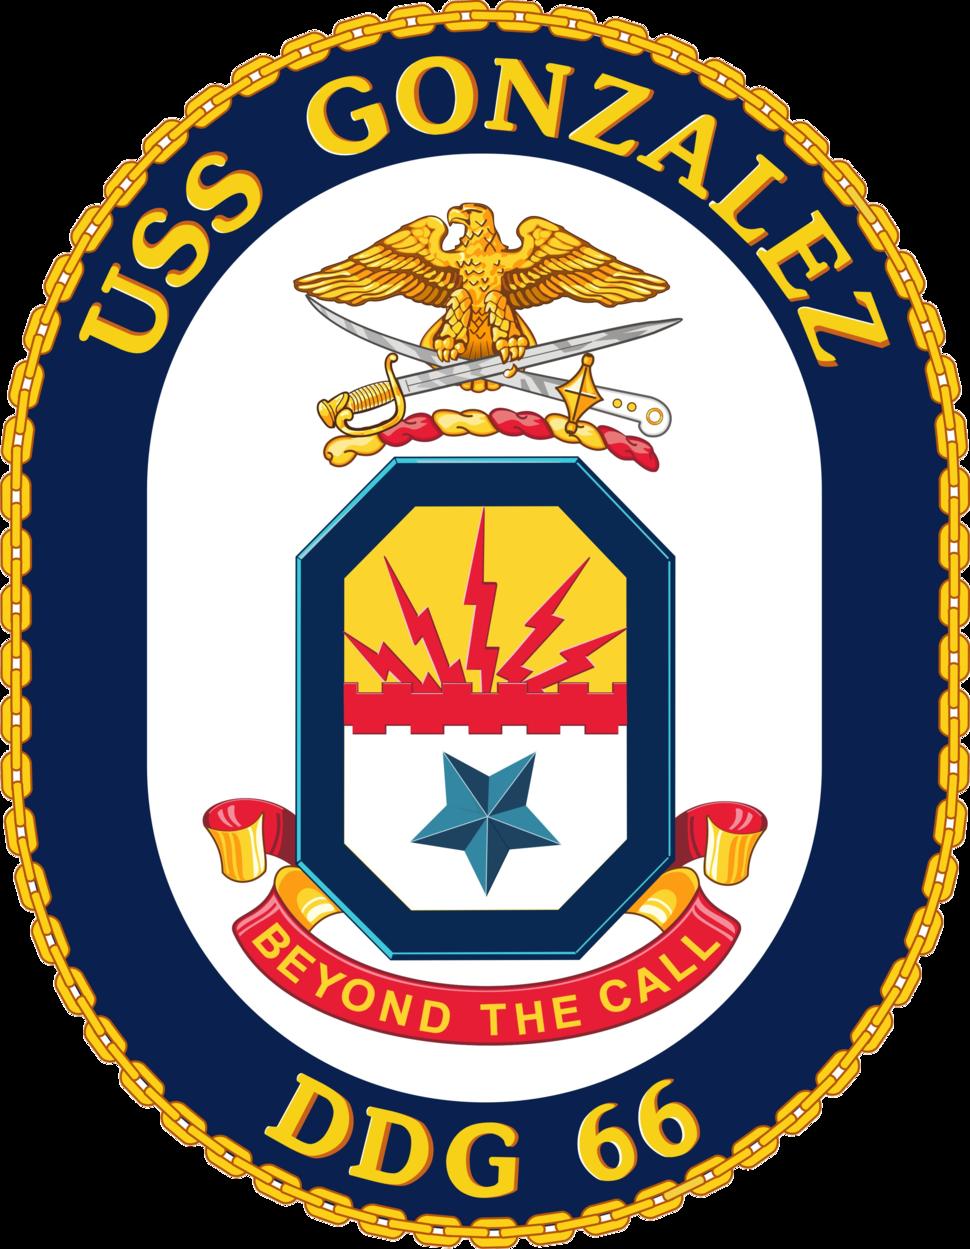 USS Gonzalez DDG-66 Crest